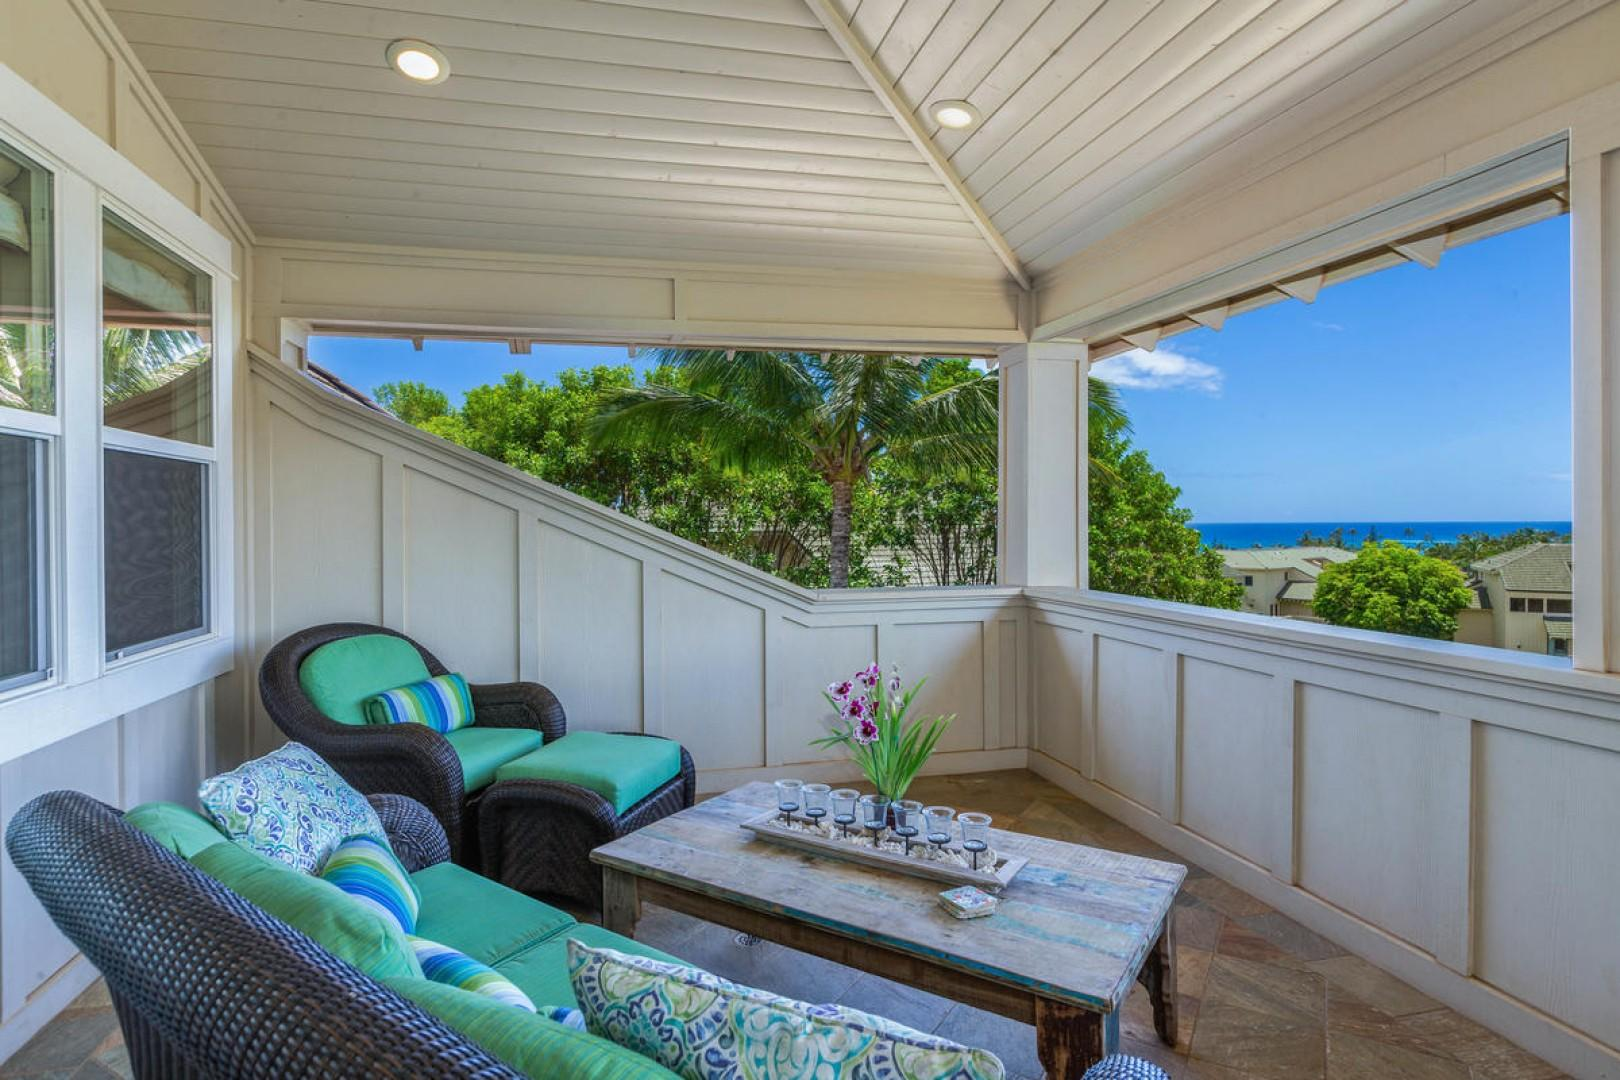 Penthouse ocean view of Poipu